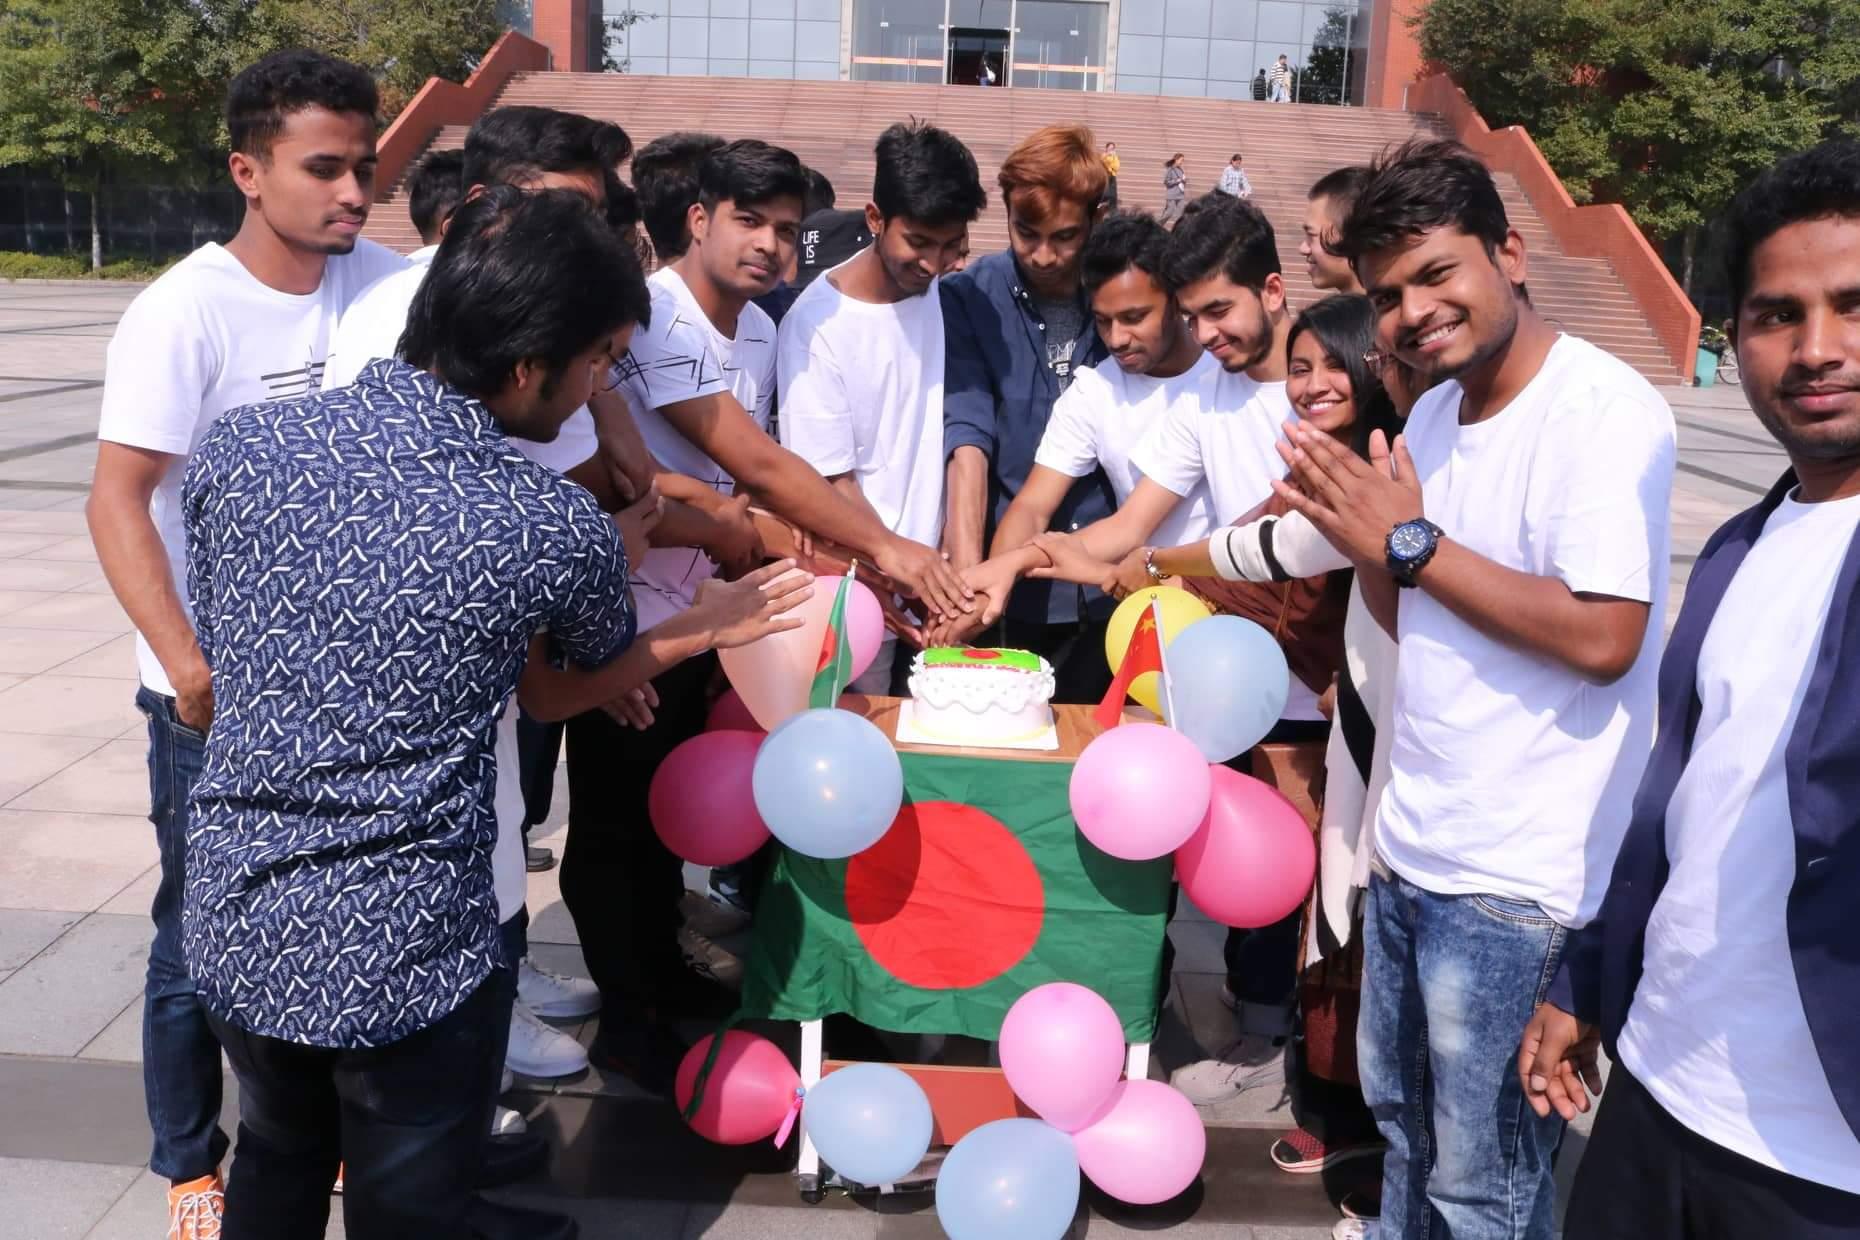 চায়নায় বাংলাদেশী শিক্ষার্থীদের এক বছর উদযাপন